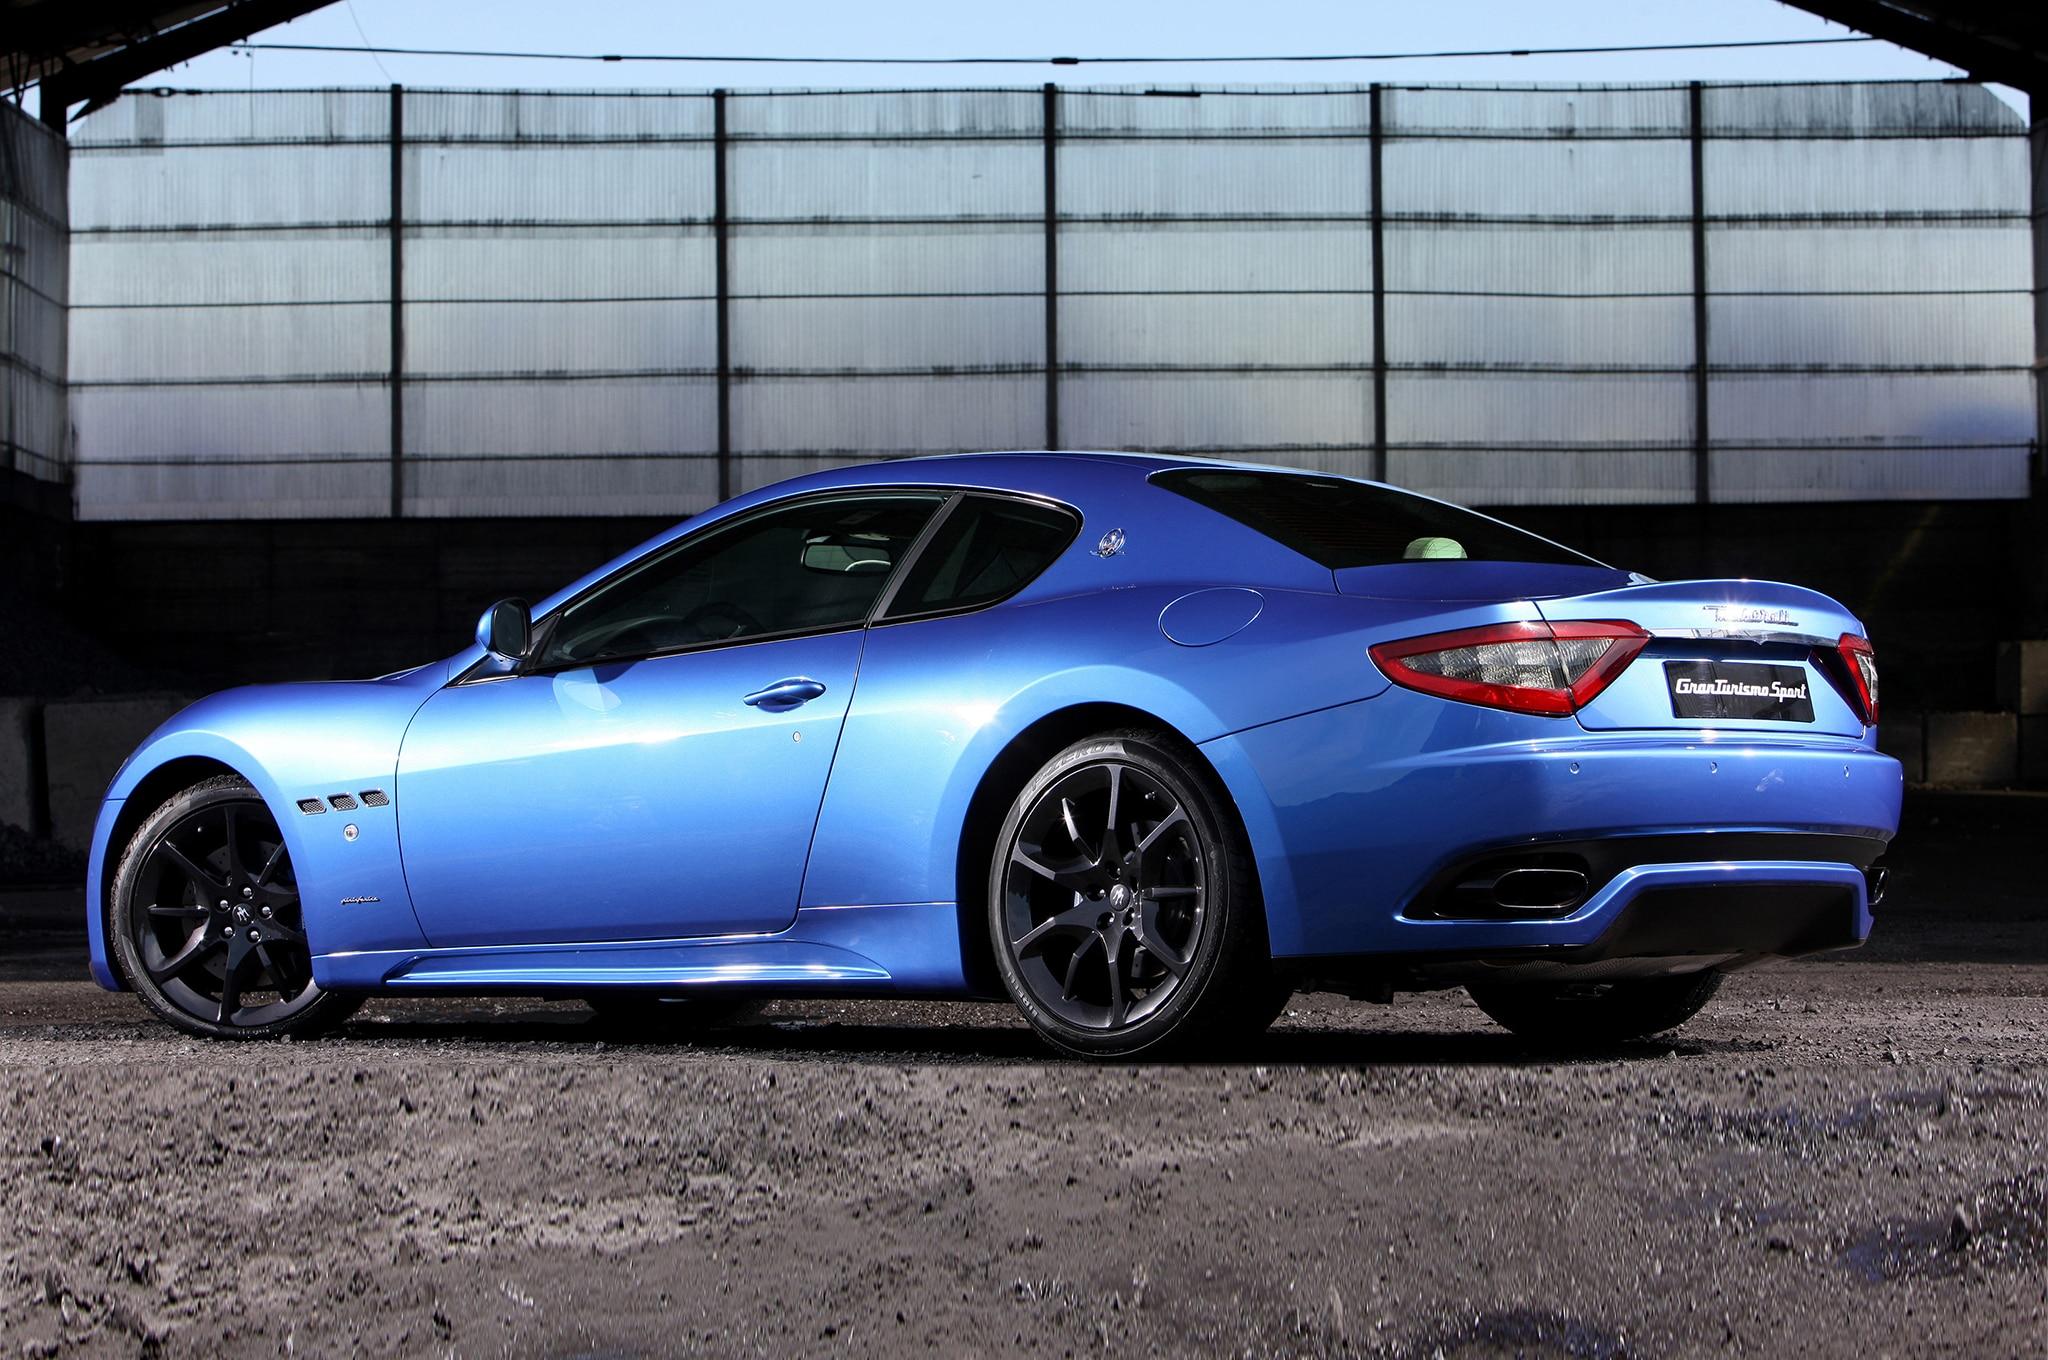 2014 Maserati GranTurismo, GranCabrio MC Gain Centennial